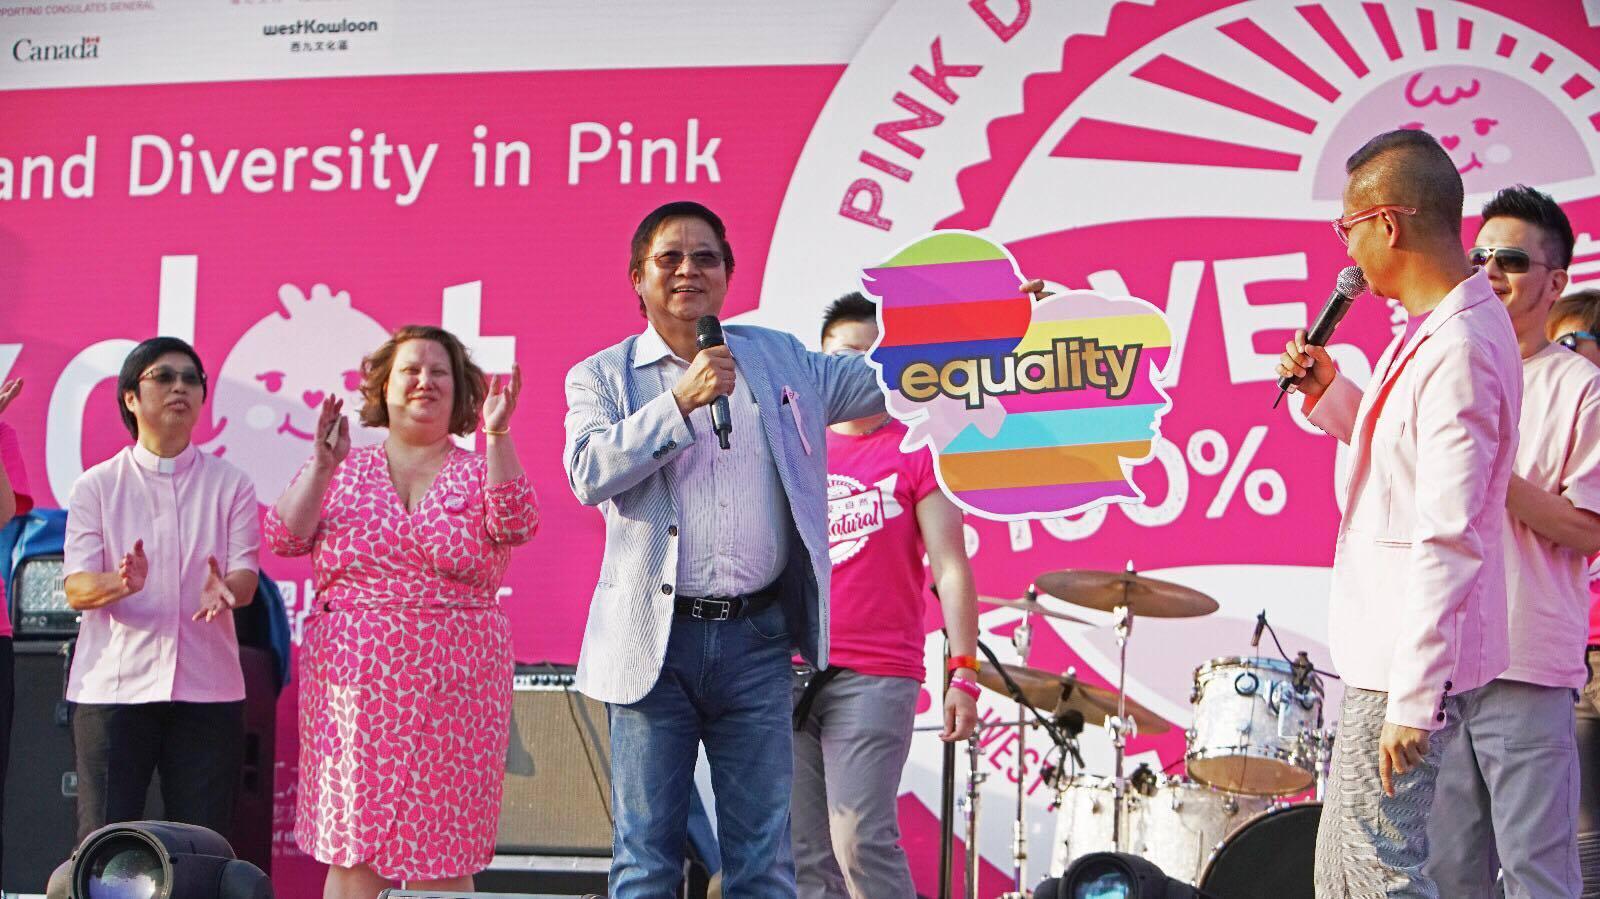 陳章明教授在一點粉紅2017活動的照片